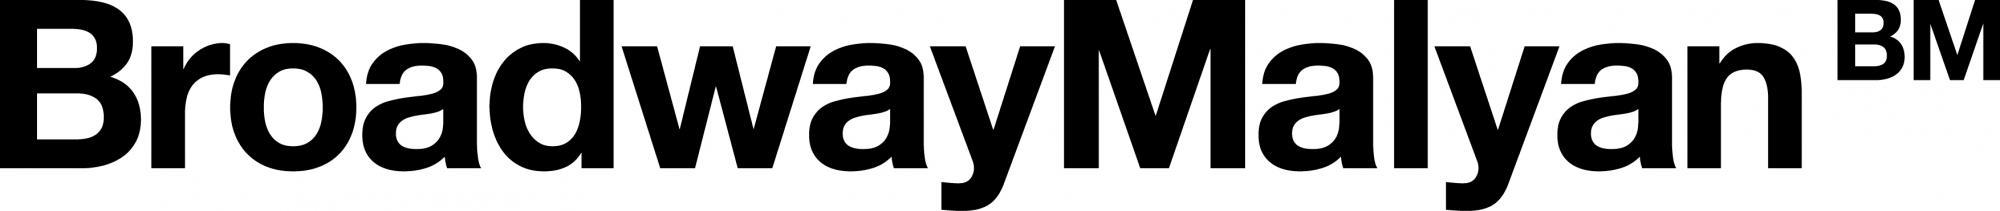 Broadway Malyan Urban Design Group Practice